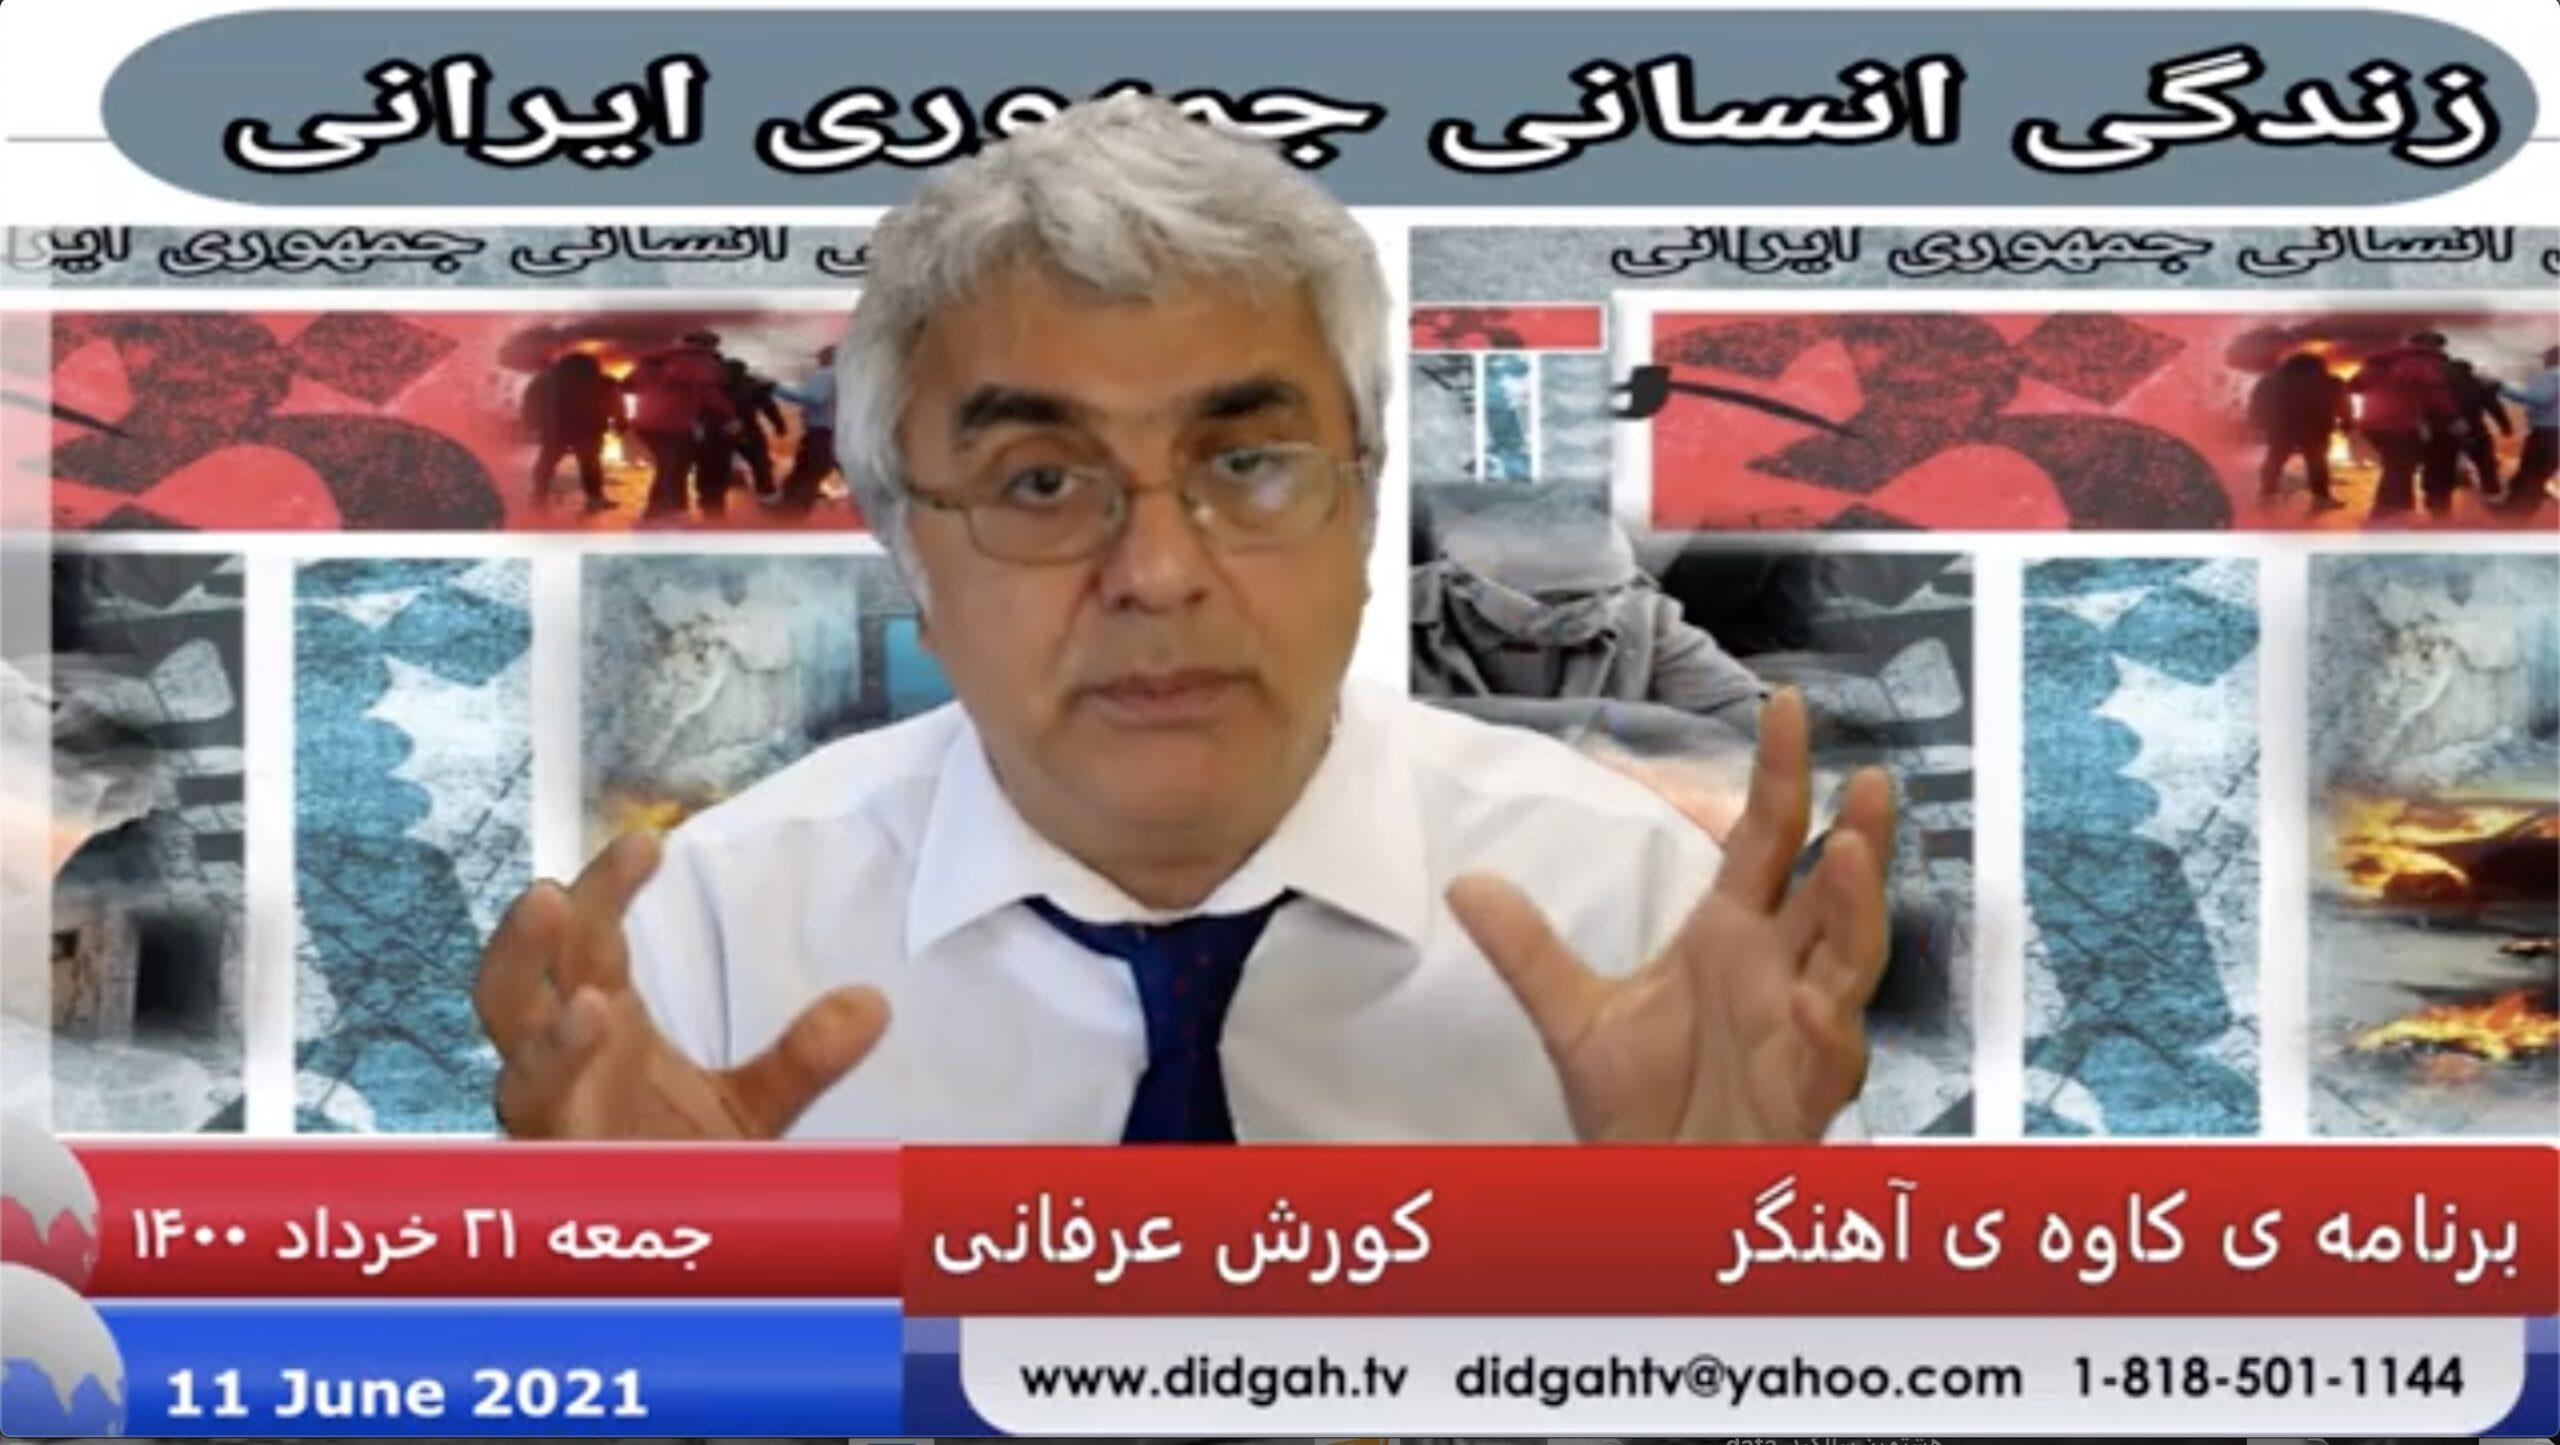 برنامه ی کاوه ی آهنگر: تدارک مردمی برای تعیین تکلیف رژیم توسری خورده و نجات کشور